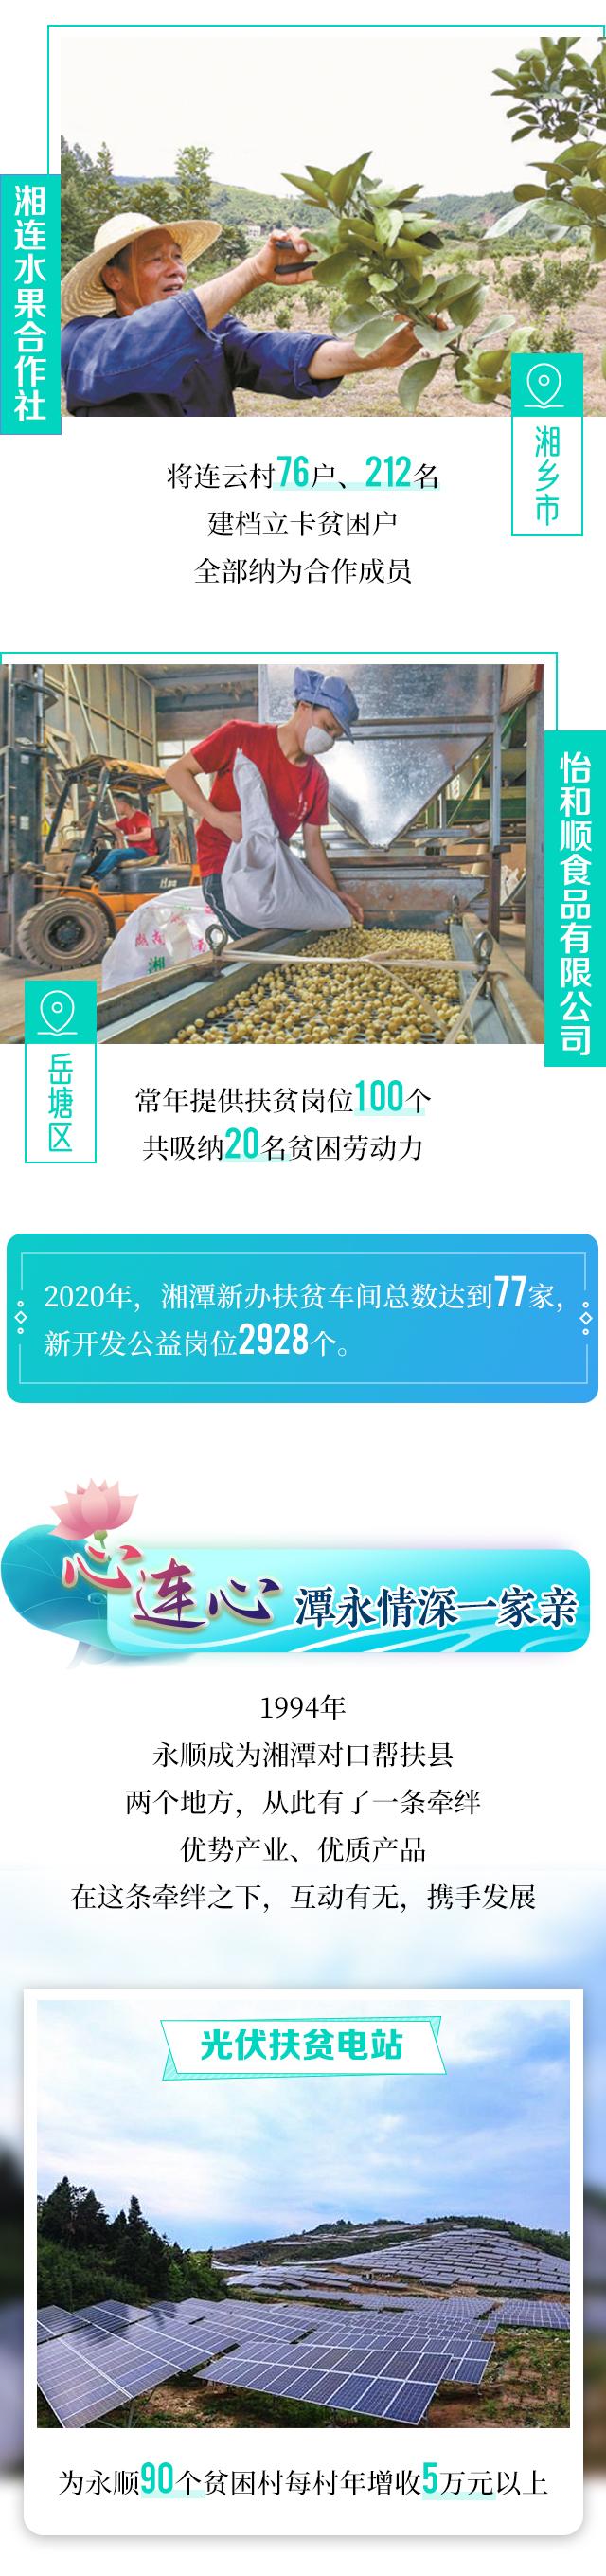 湘潭長圖第三部分_03.jpg